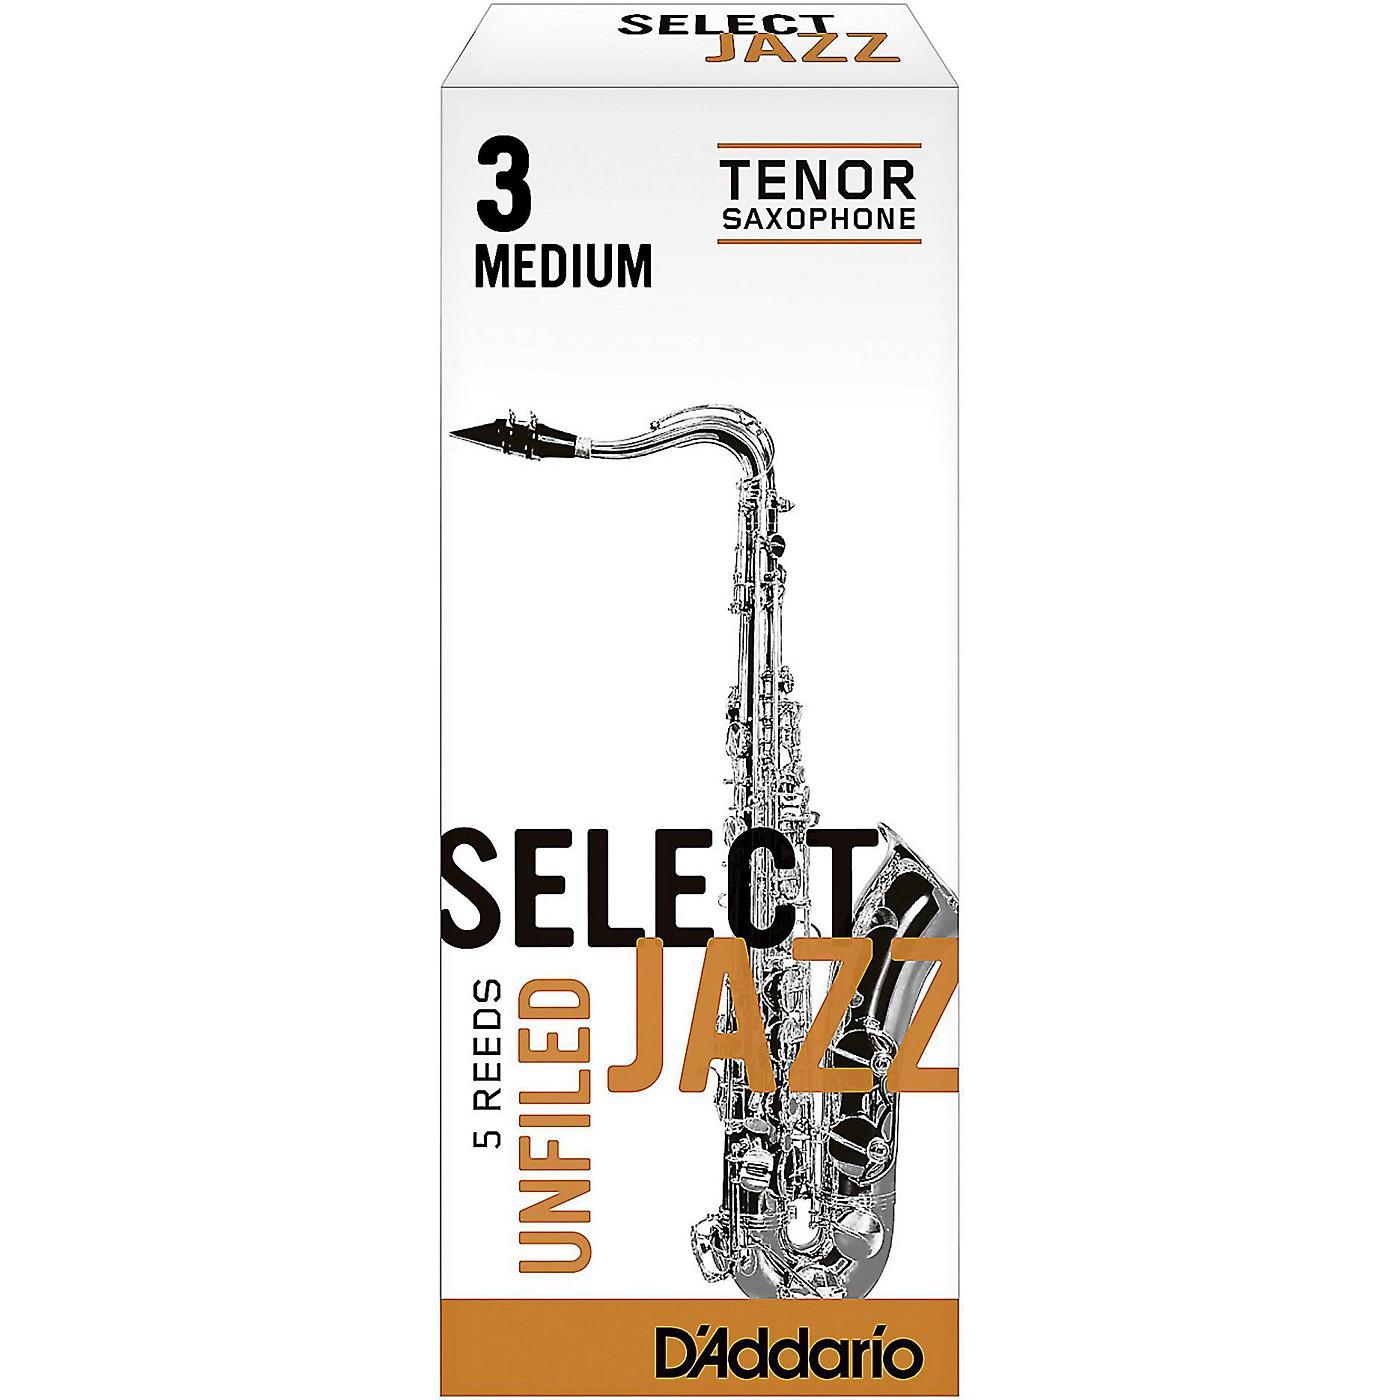 D'Addario Woodwinds Select Jazz Unfiled Tenor Saxophone Reeds thumbnail